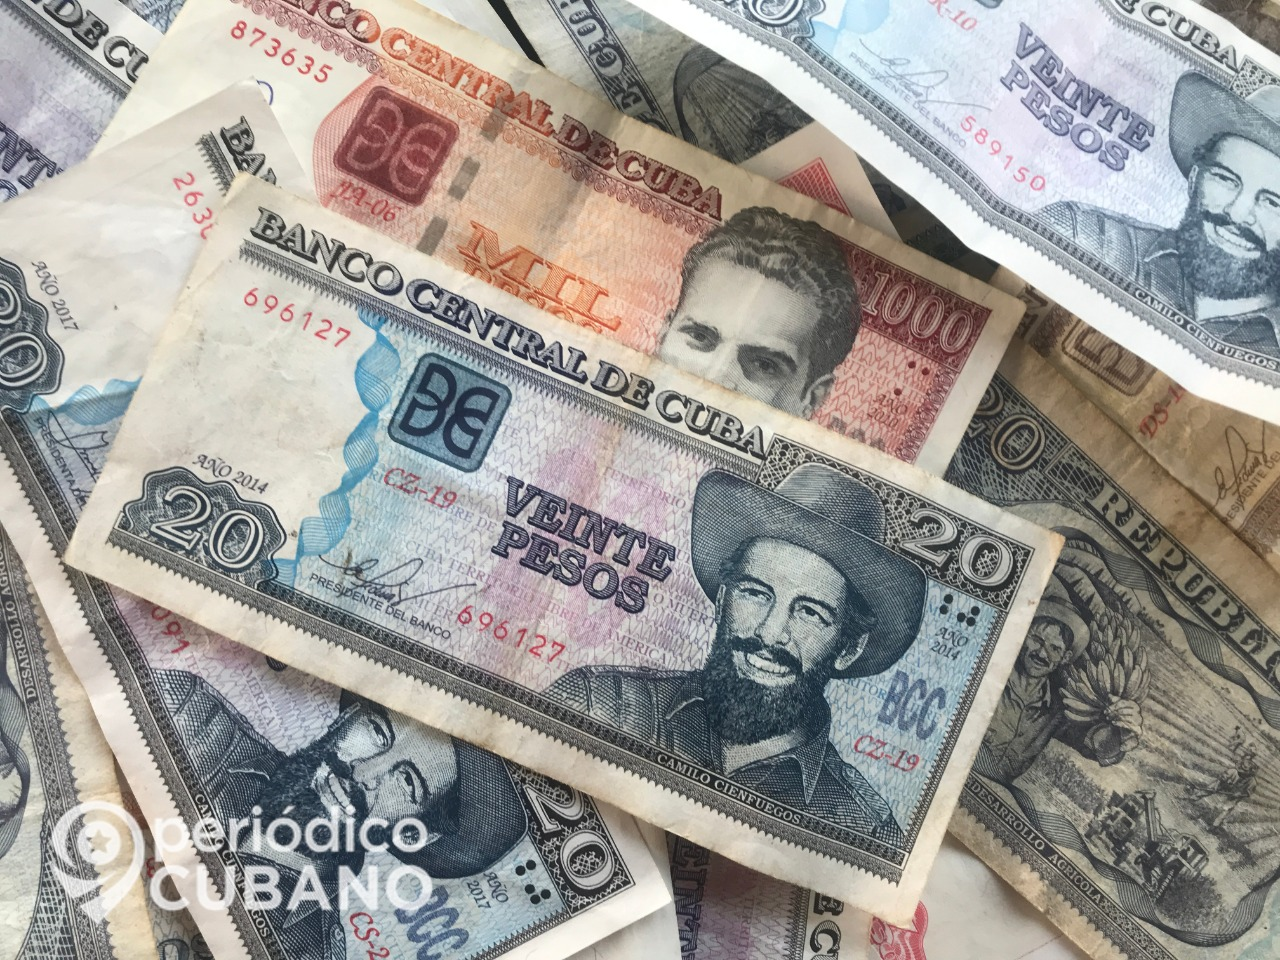 El salario mínimo en Cuba será de 2.100 pesos y la pensión de 1.548 pesos